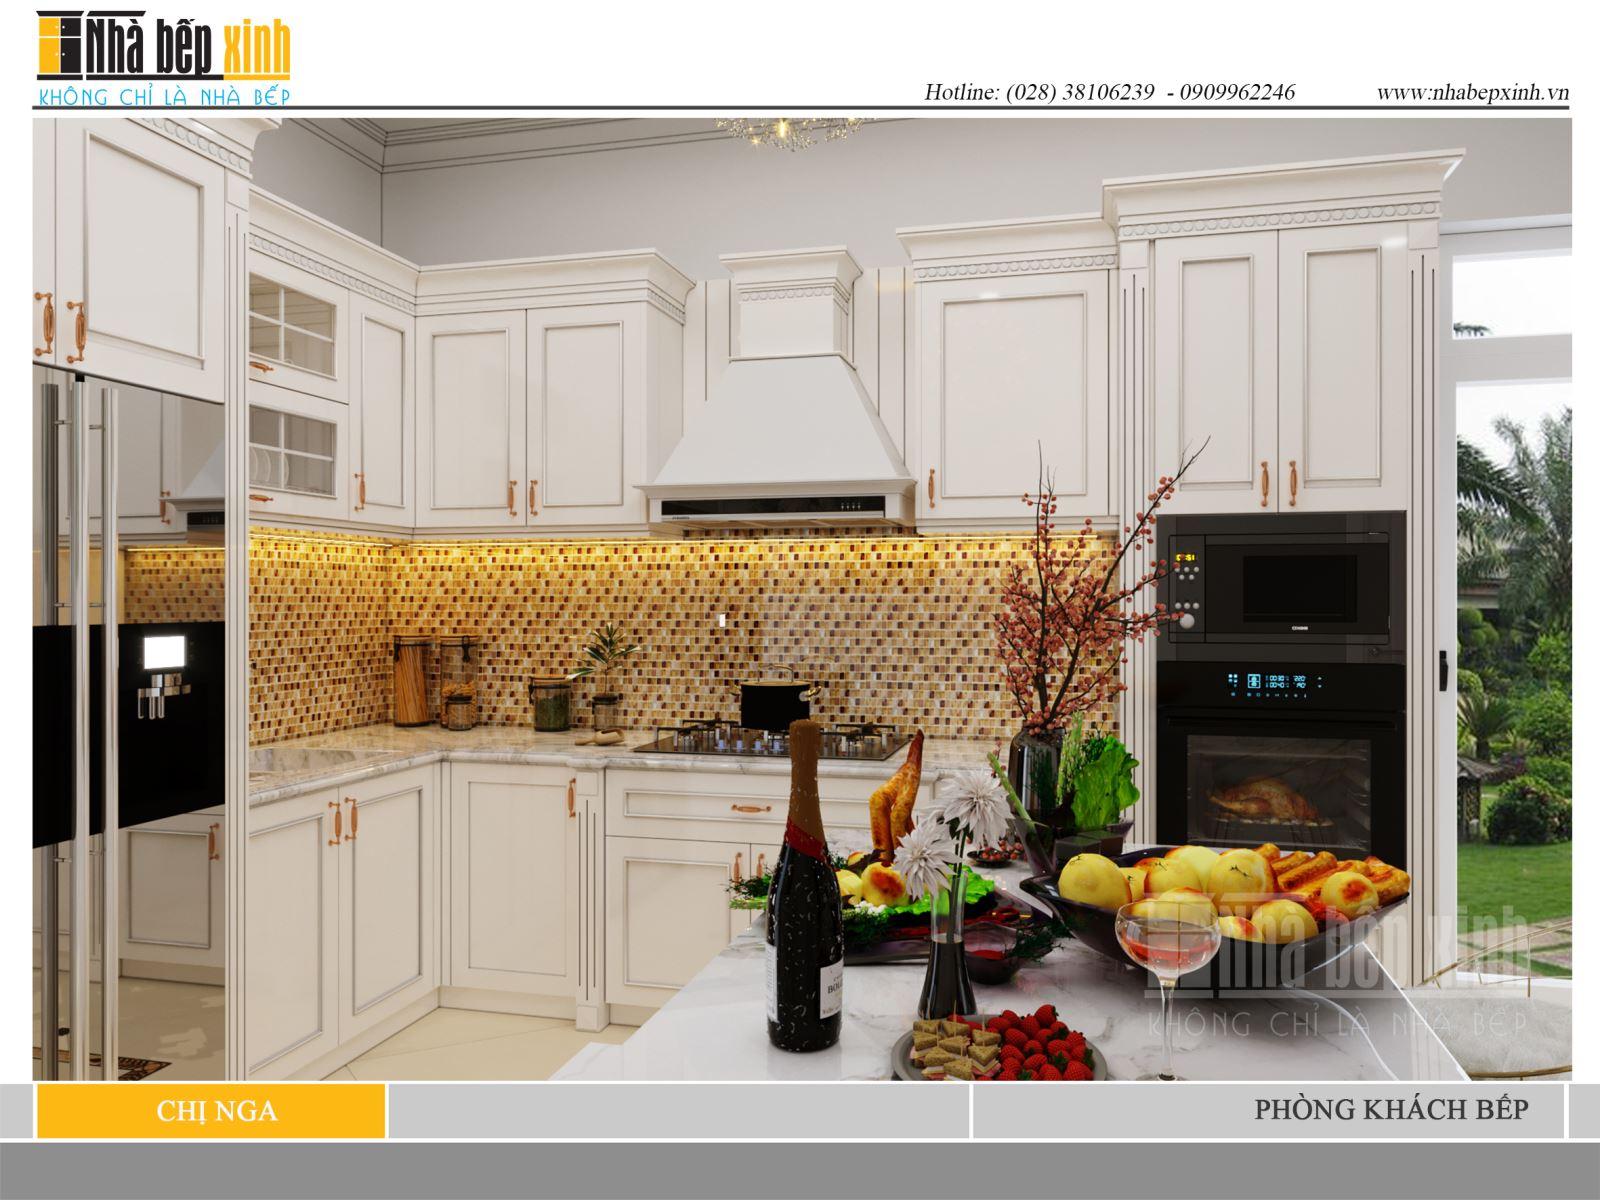 Phòng khách - bếp phong cách tân cổ điển